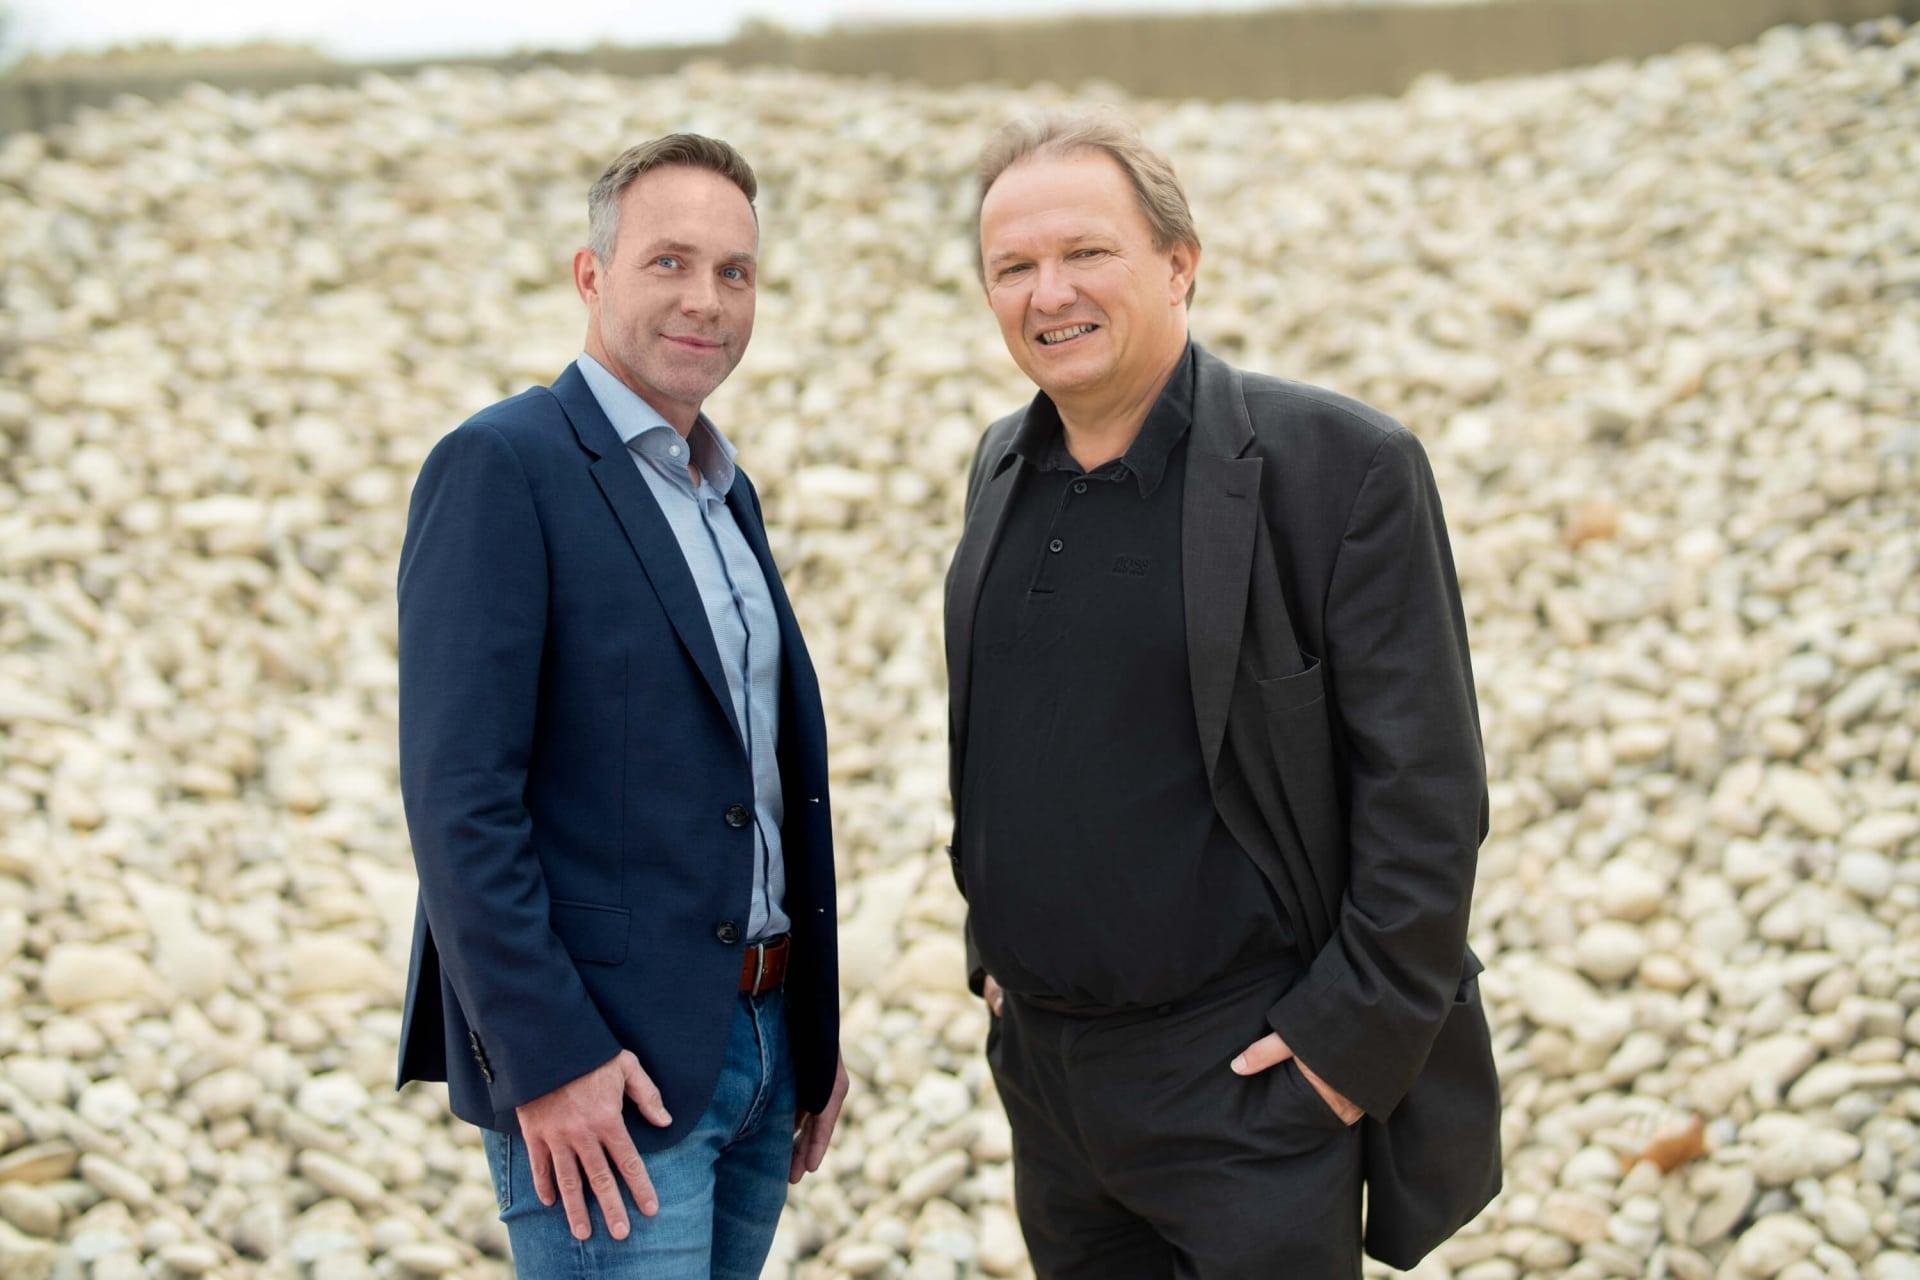 Geschäftsführung Saubermacher Bau Recycling und Entsorgung: Alexander Gruber und Alois Fürnkranz